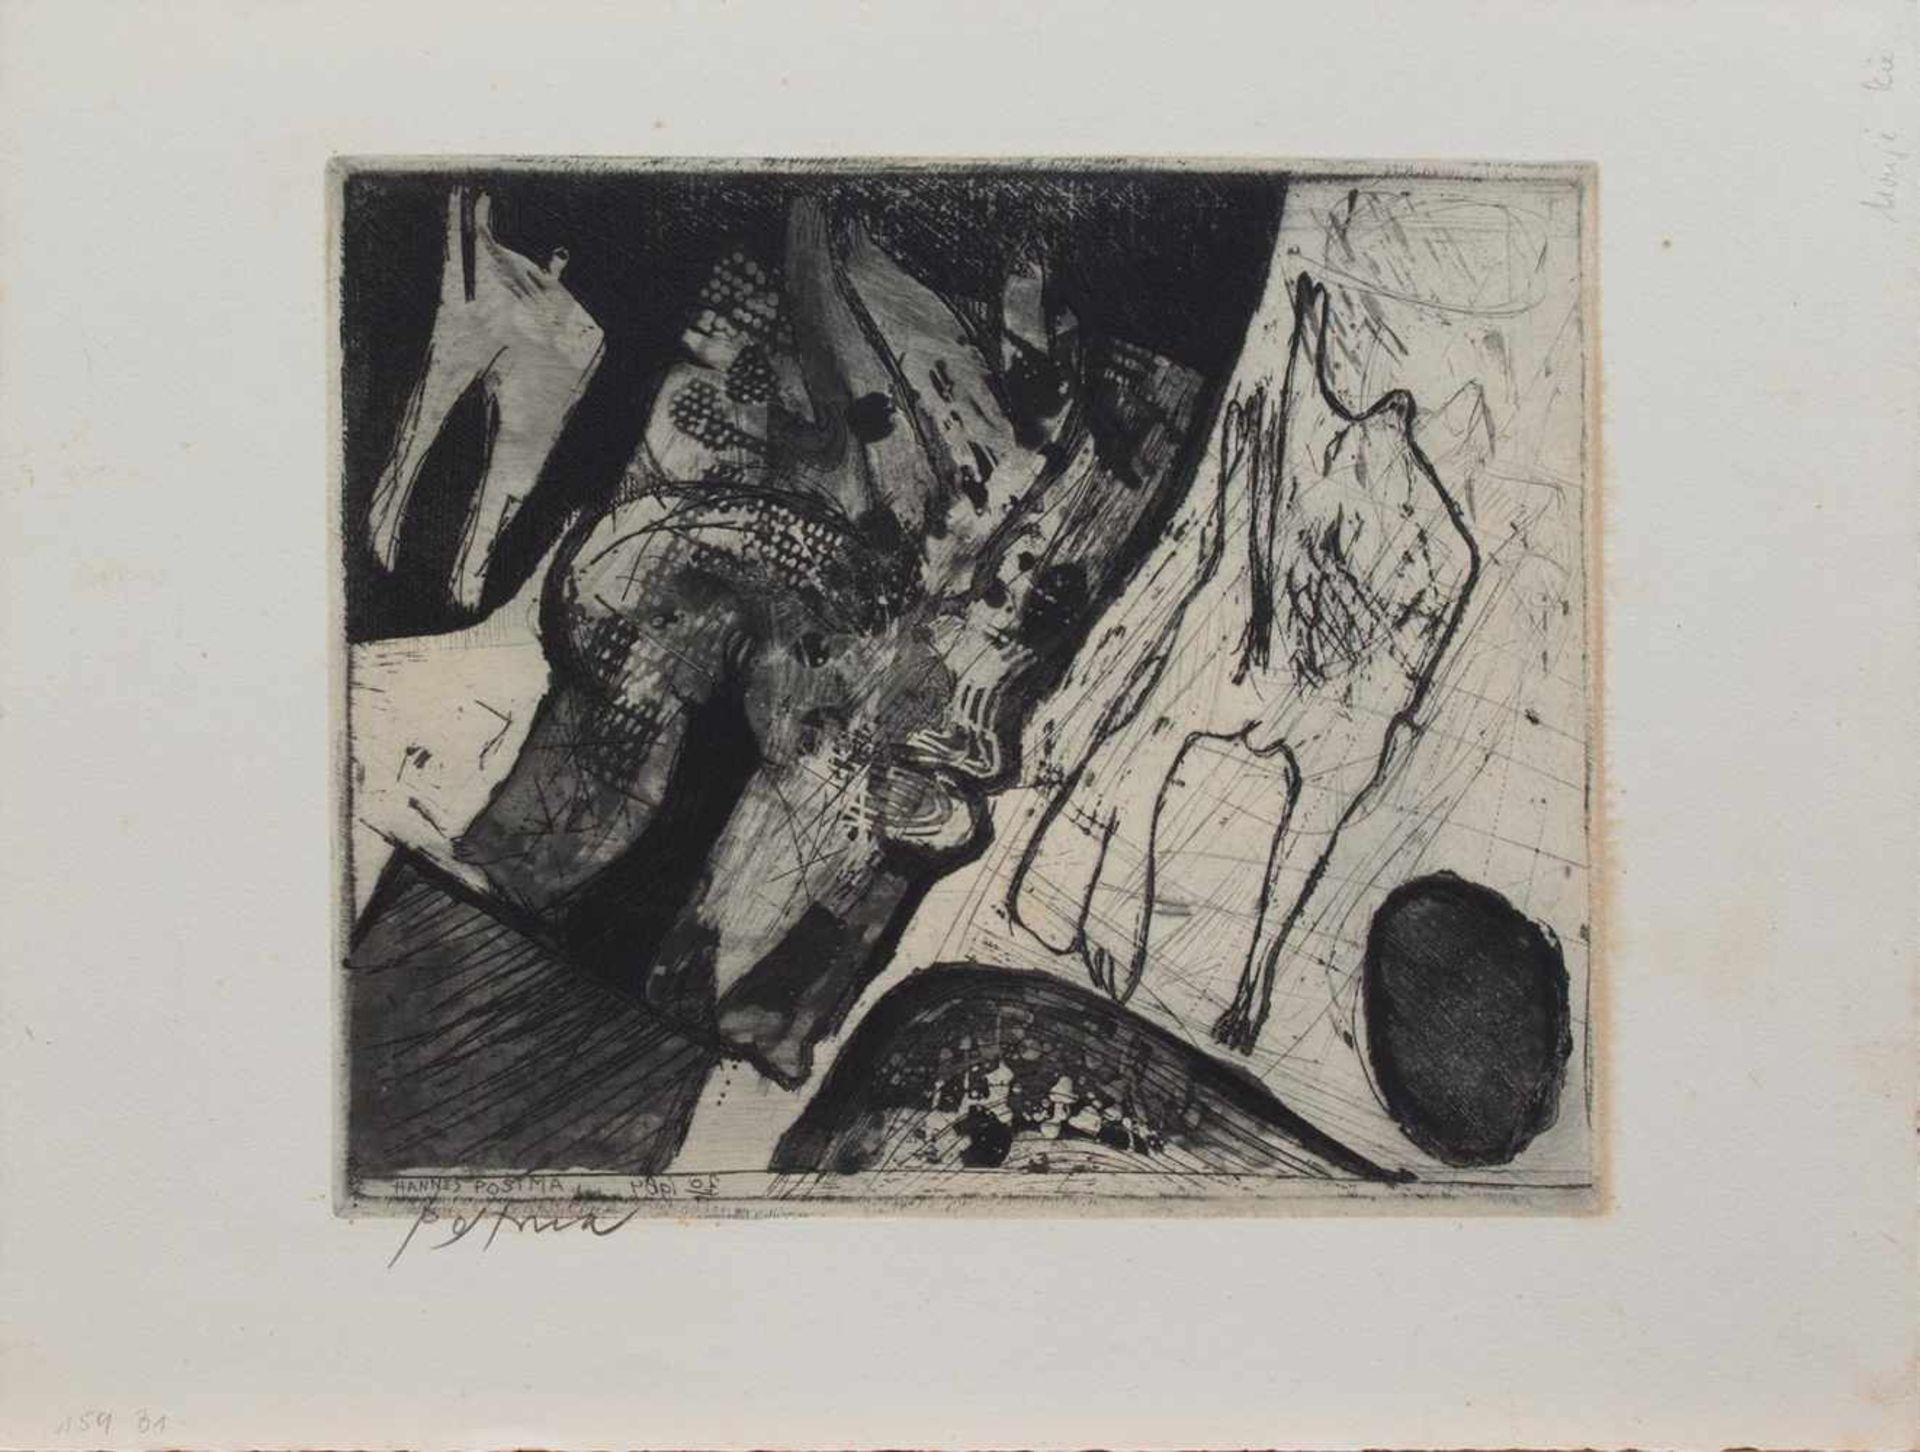 Los 39 - Johannes Gerardus Maria Postma (Haarlem 1933 -, niederländischer Grafiker u. Maler, Std. a.d.